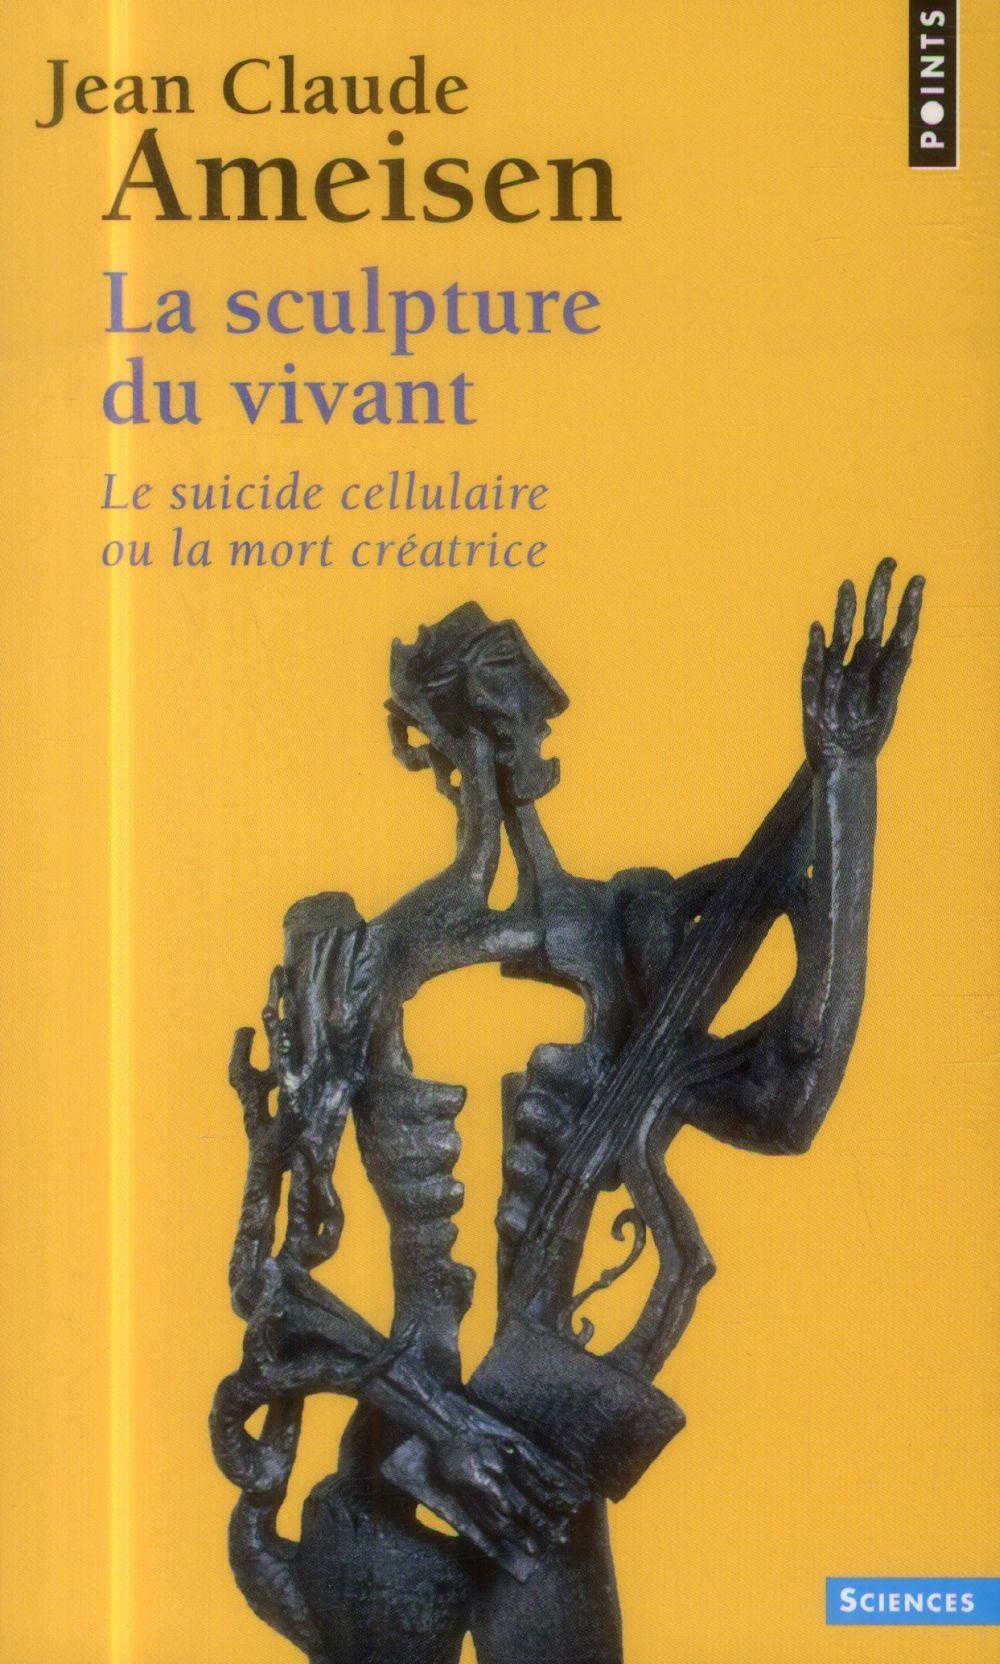 Ameisen Jean-Claude - LA SCULPTURE DU VIVANT  -  LE SUICIDE CELLULAIRE OU LA MORT CREATRICE